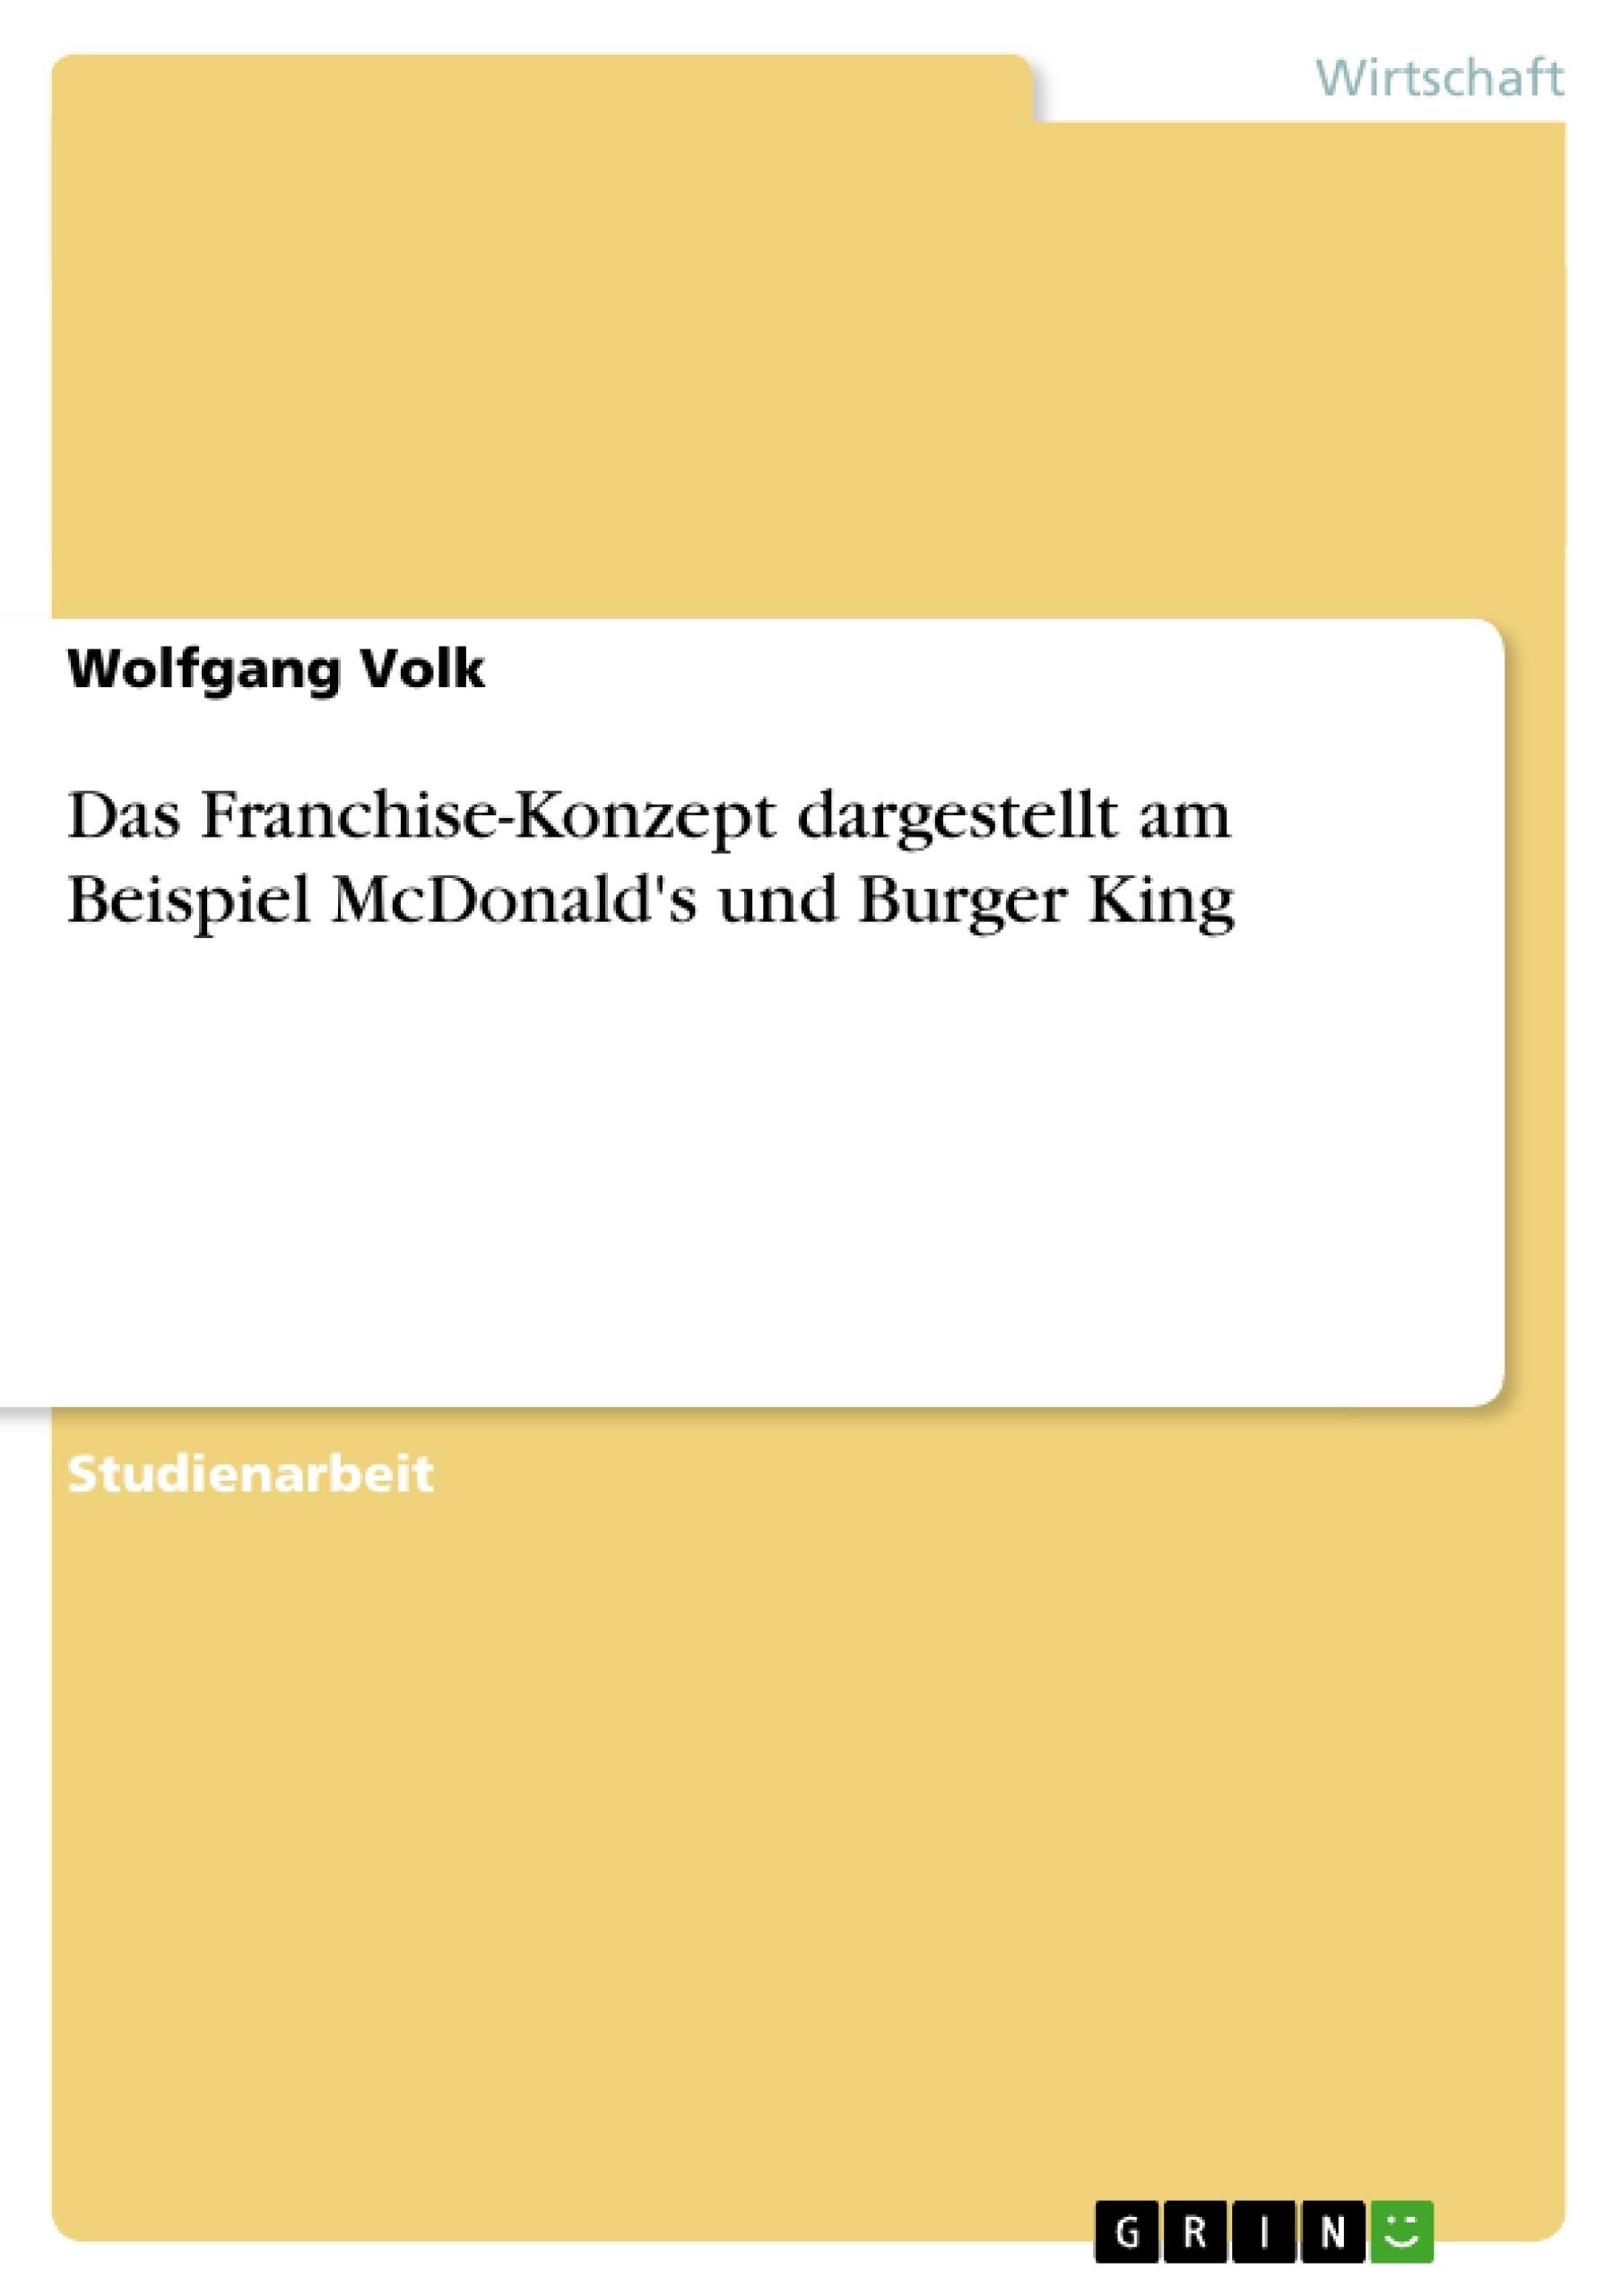 Titel: Das Franchise-Konzept dargestellt am Beispiel McDonald's und Burger King